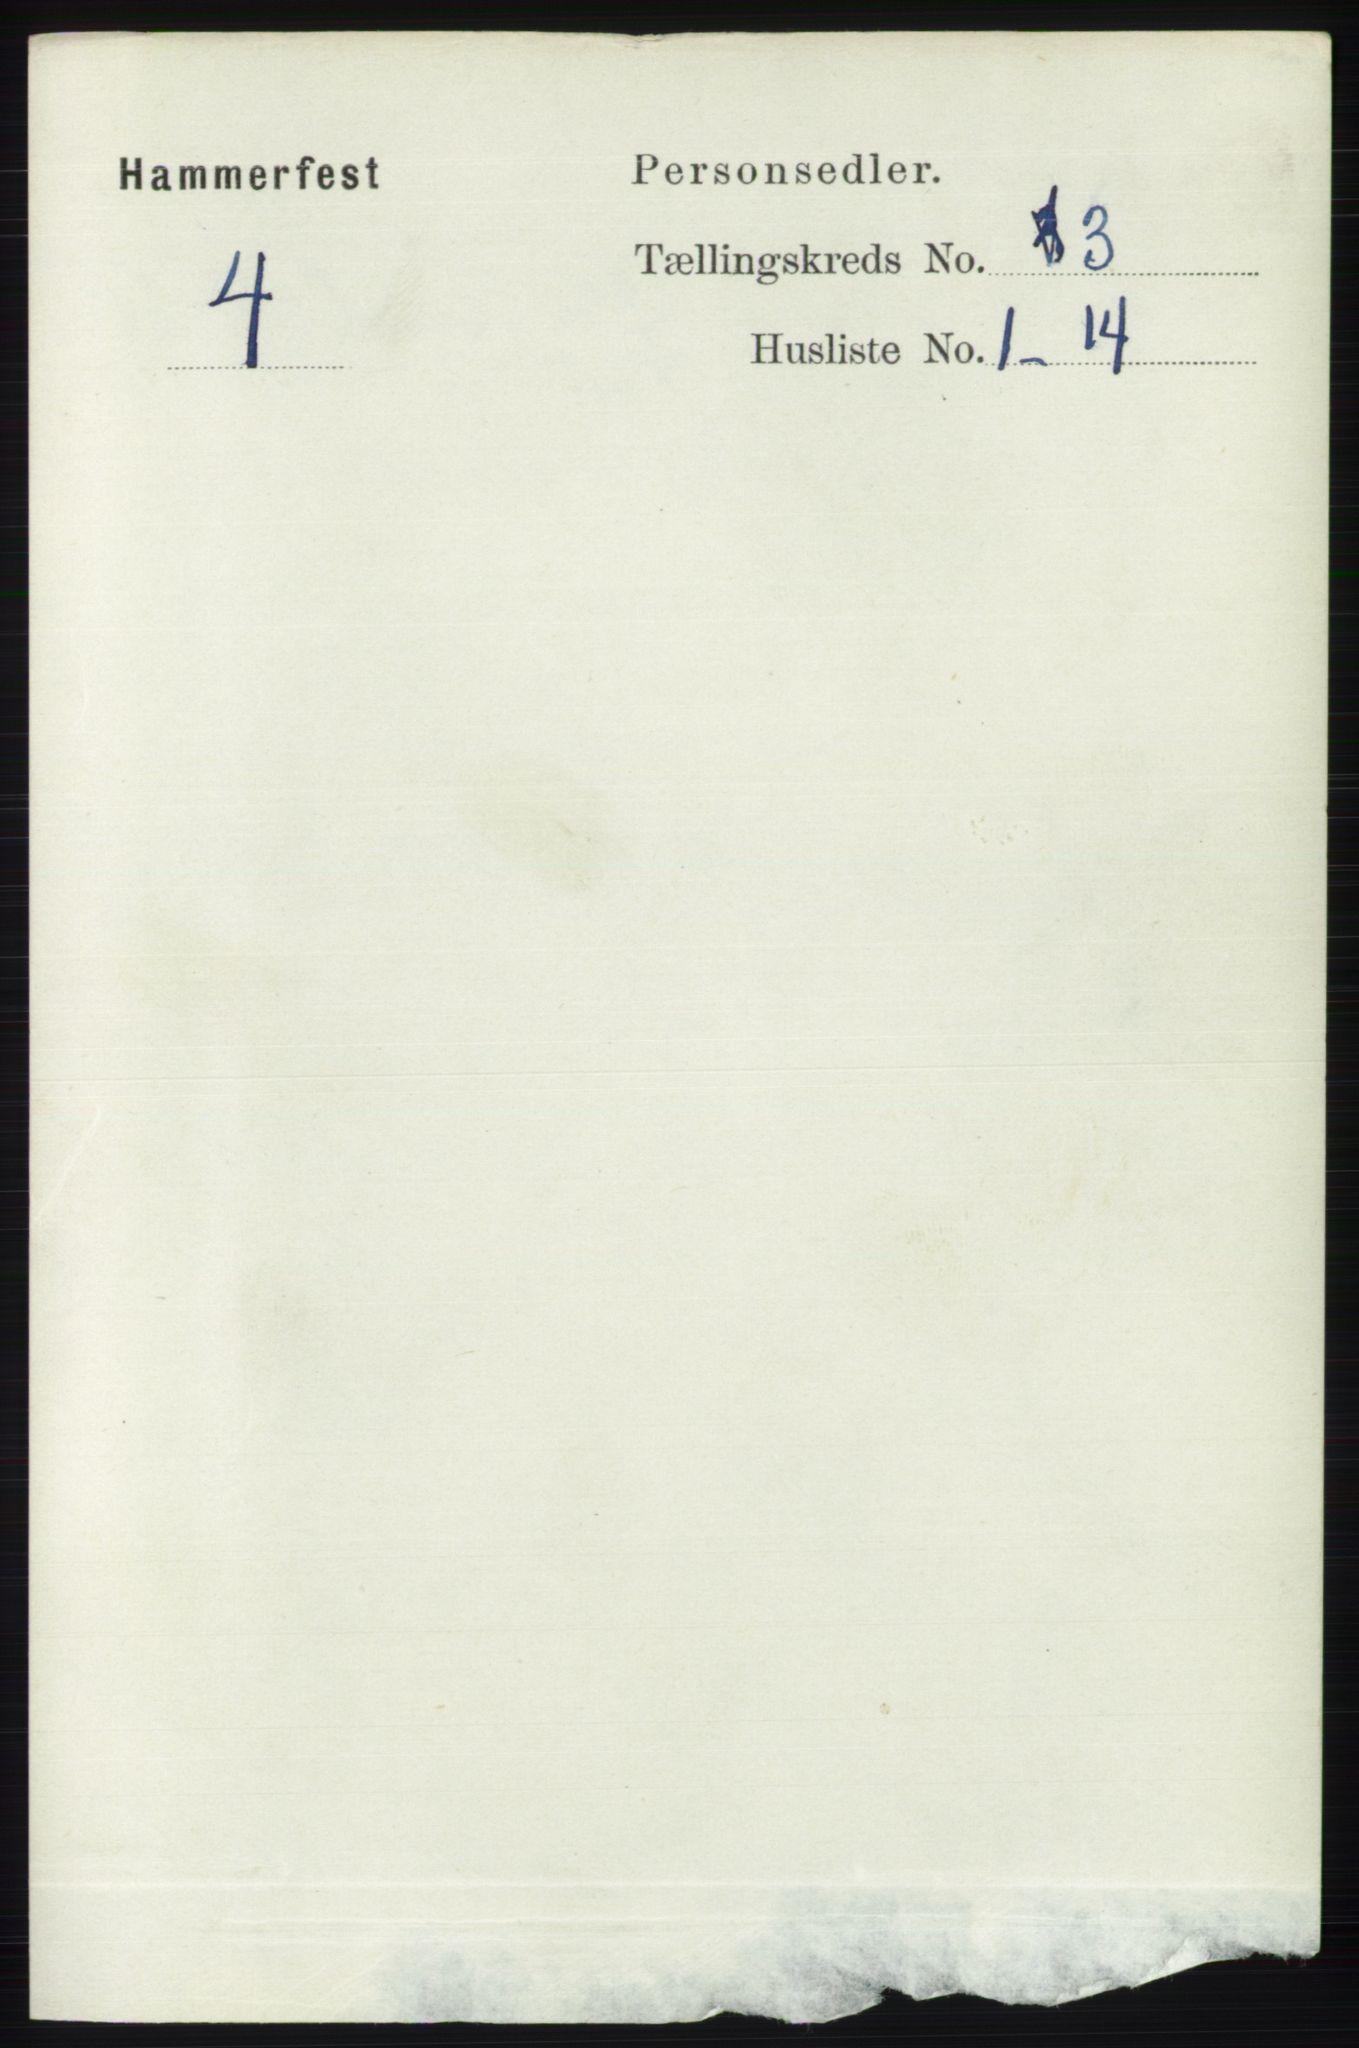 RA, Folketelling 1891 for 2001 Hammerfest kjøpstad, 1891, s. 618